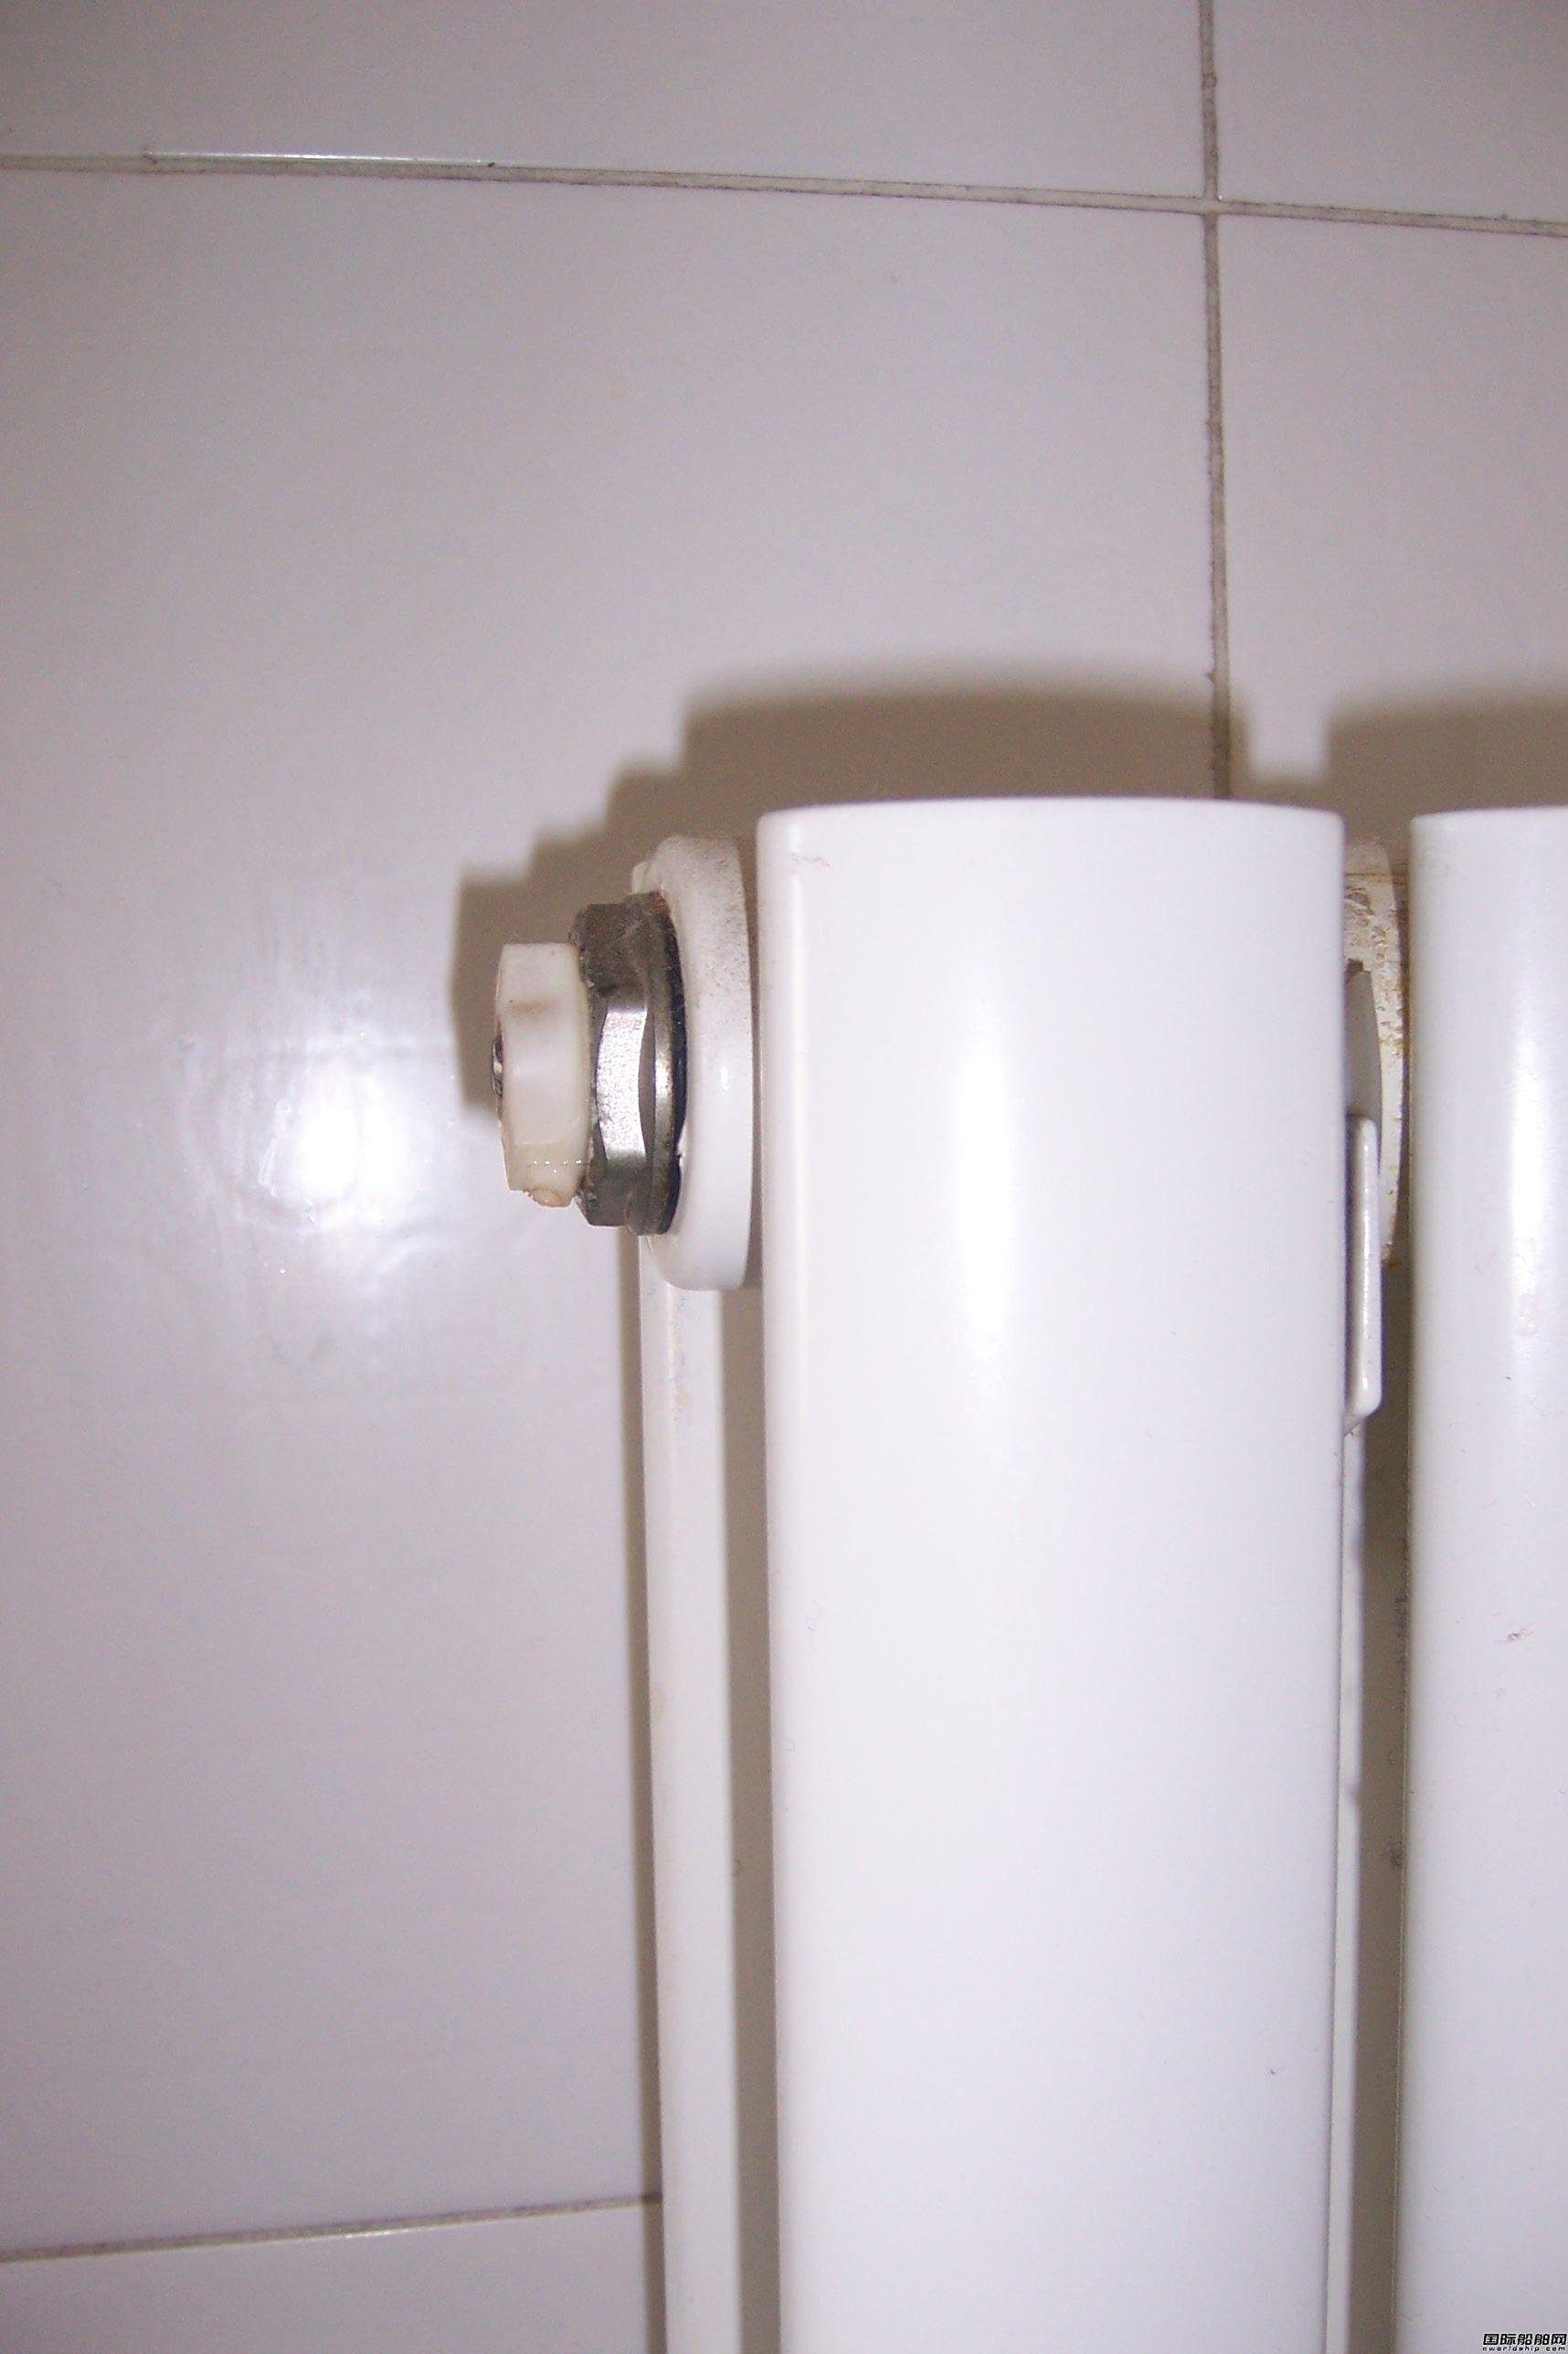 暖气排气阀漏水怎么办,家里新买的排气阀才用两天就漏水?图片